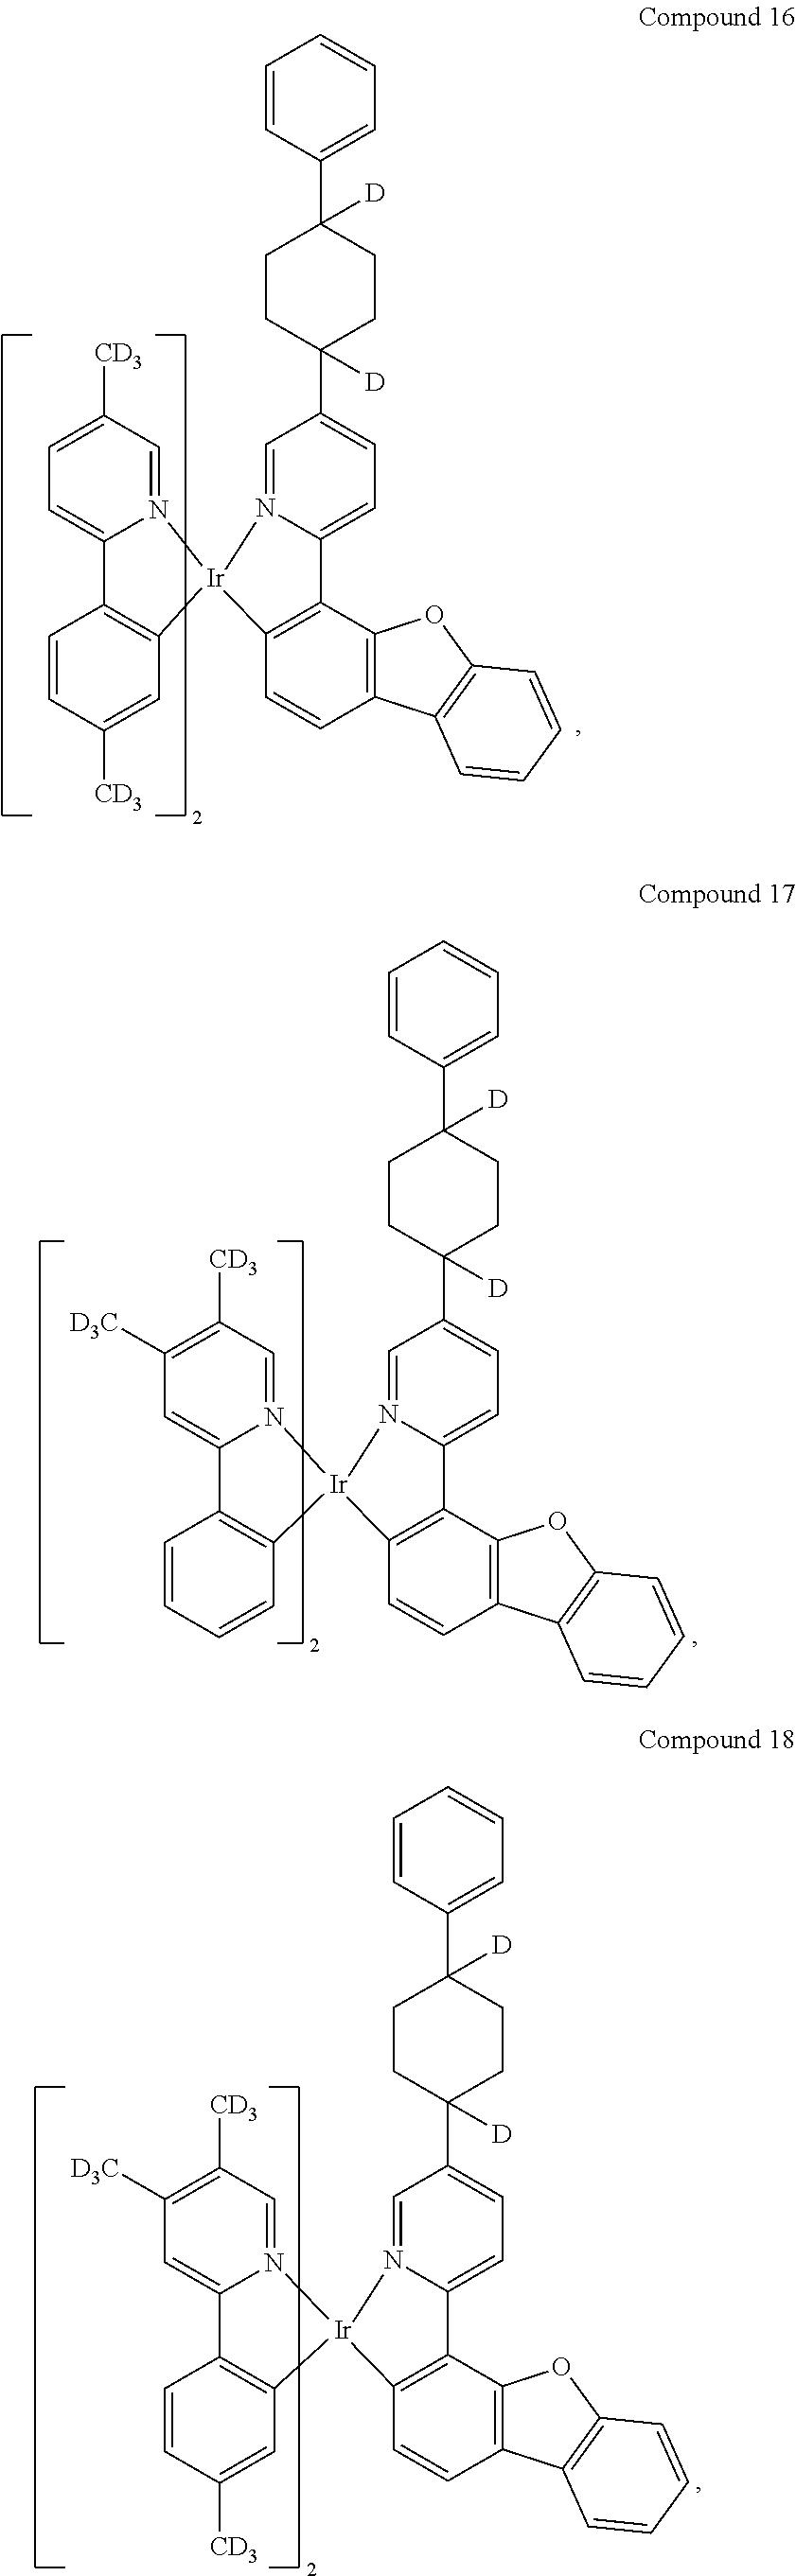 Figure US20180076393A1-20180315-C00026